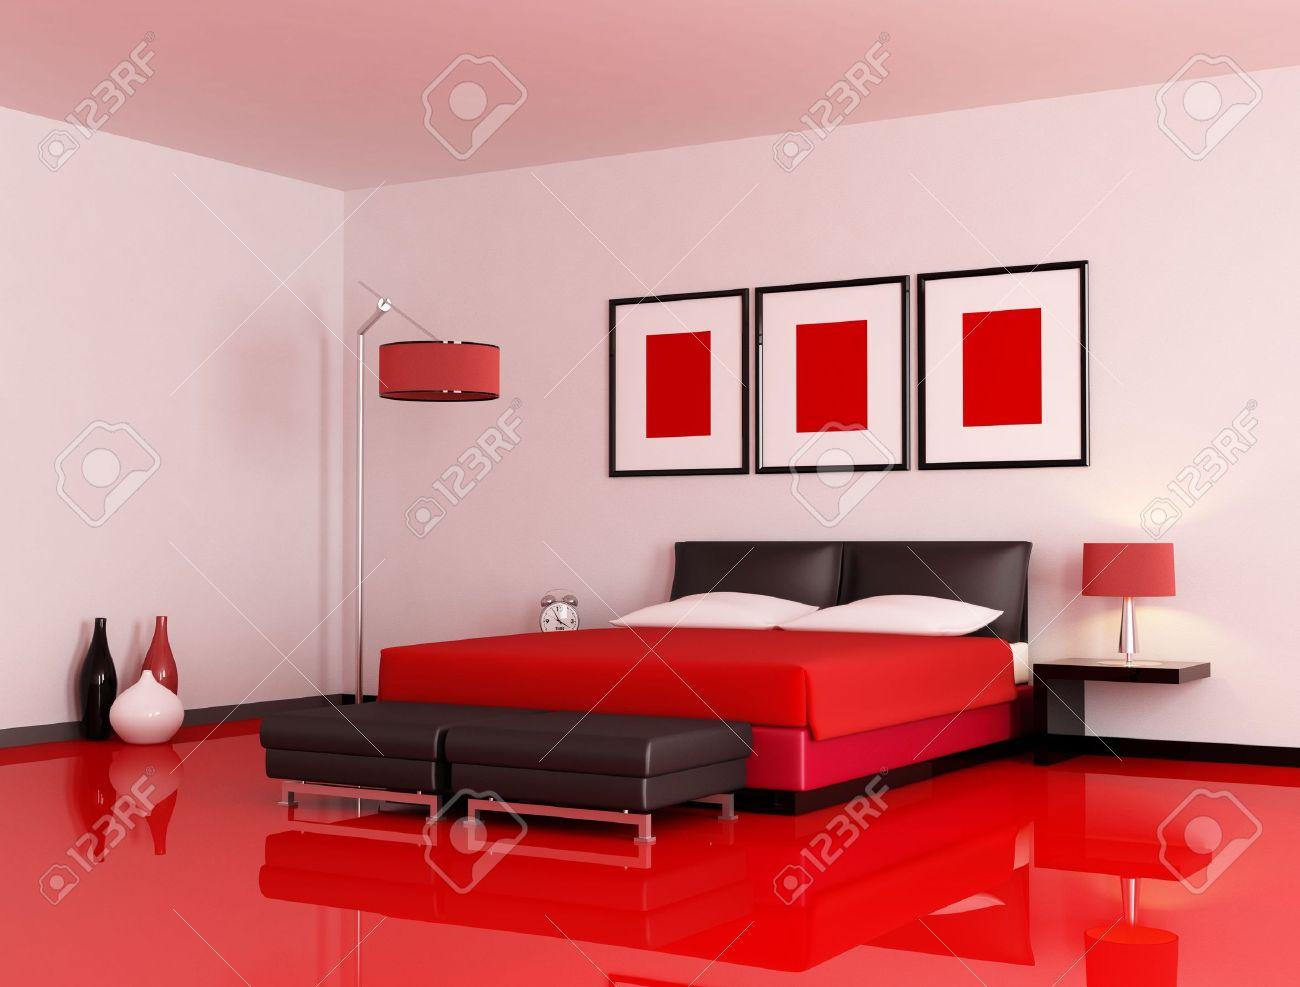 moderne slaap kamer met rode vloer en witte muur  rendering, Meubels Ideeën